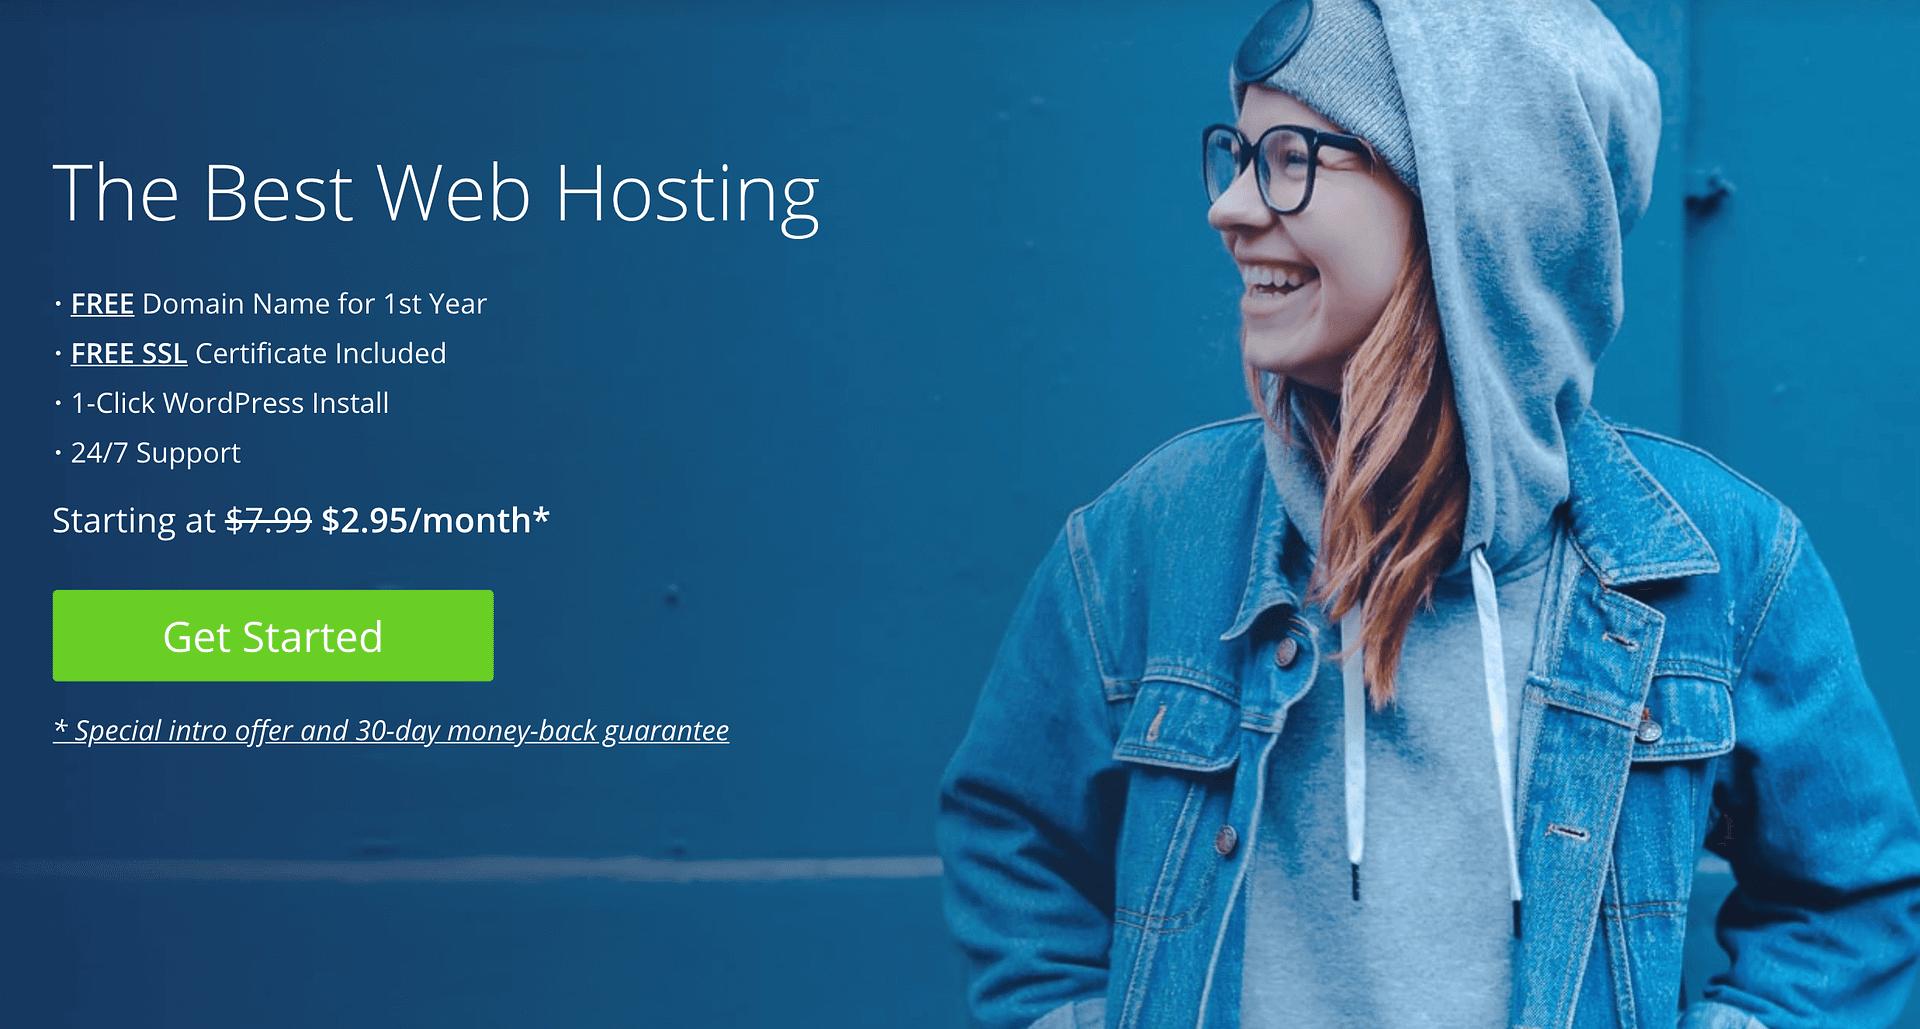 WordPress Hosting for Beginners: Bluehost homepage.